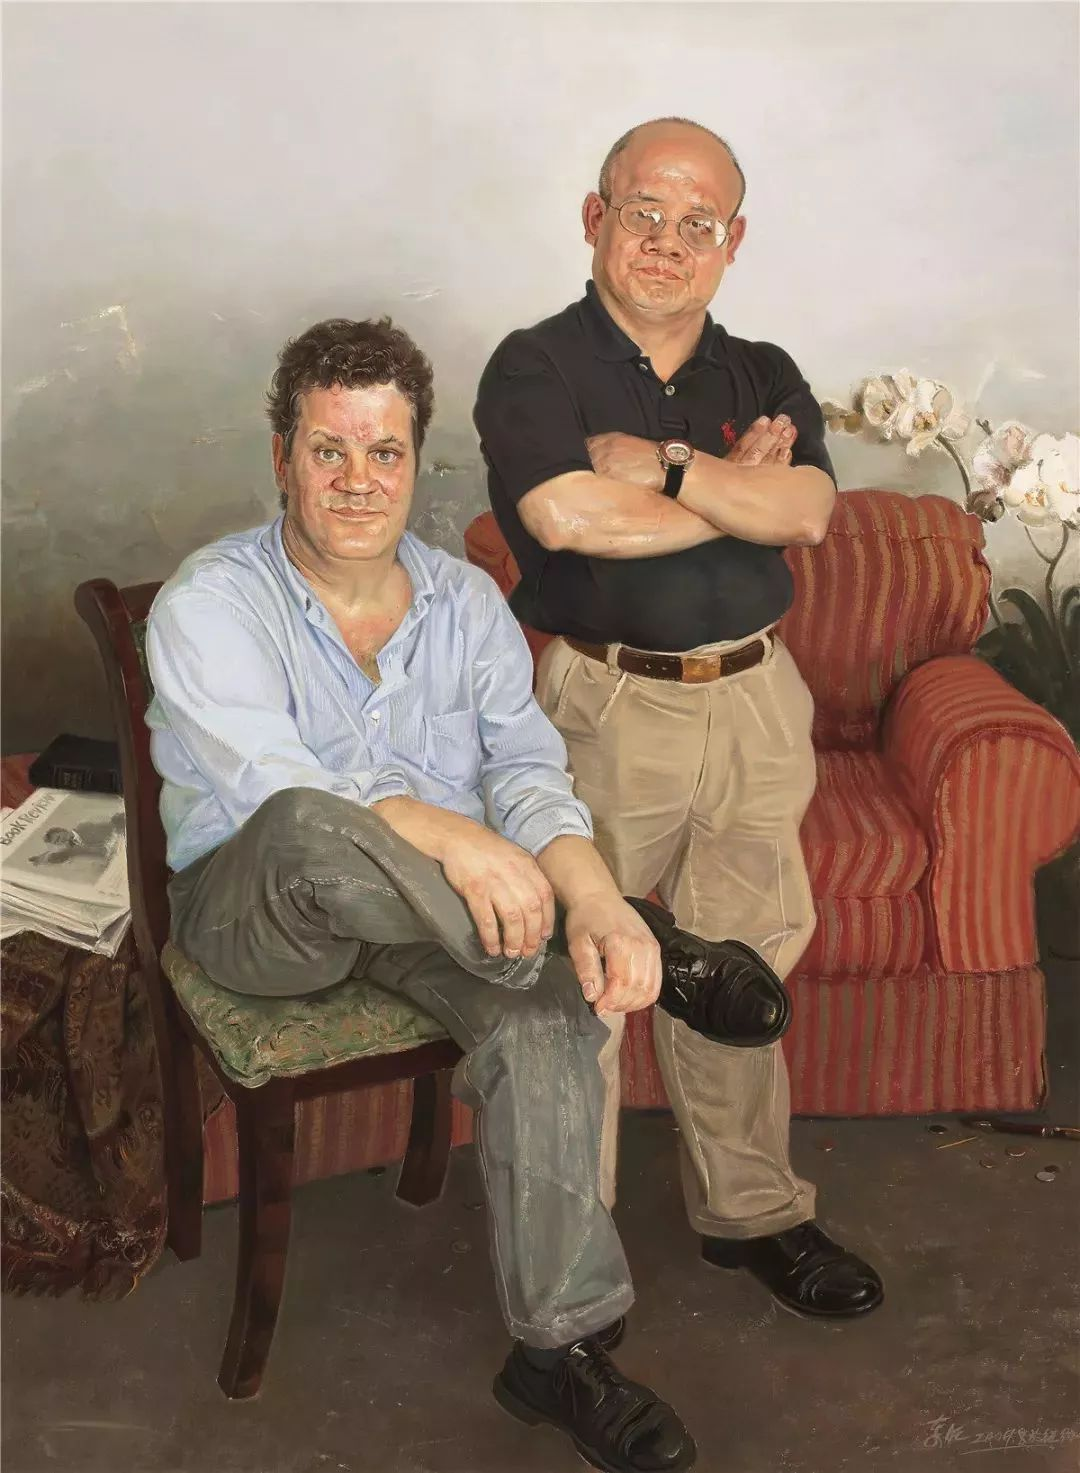 从民间画匠到美院教授,他专注画白菜、农民,传奇一生值得品味!插图89